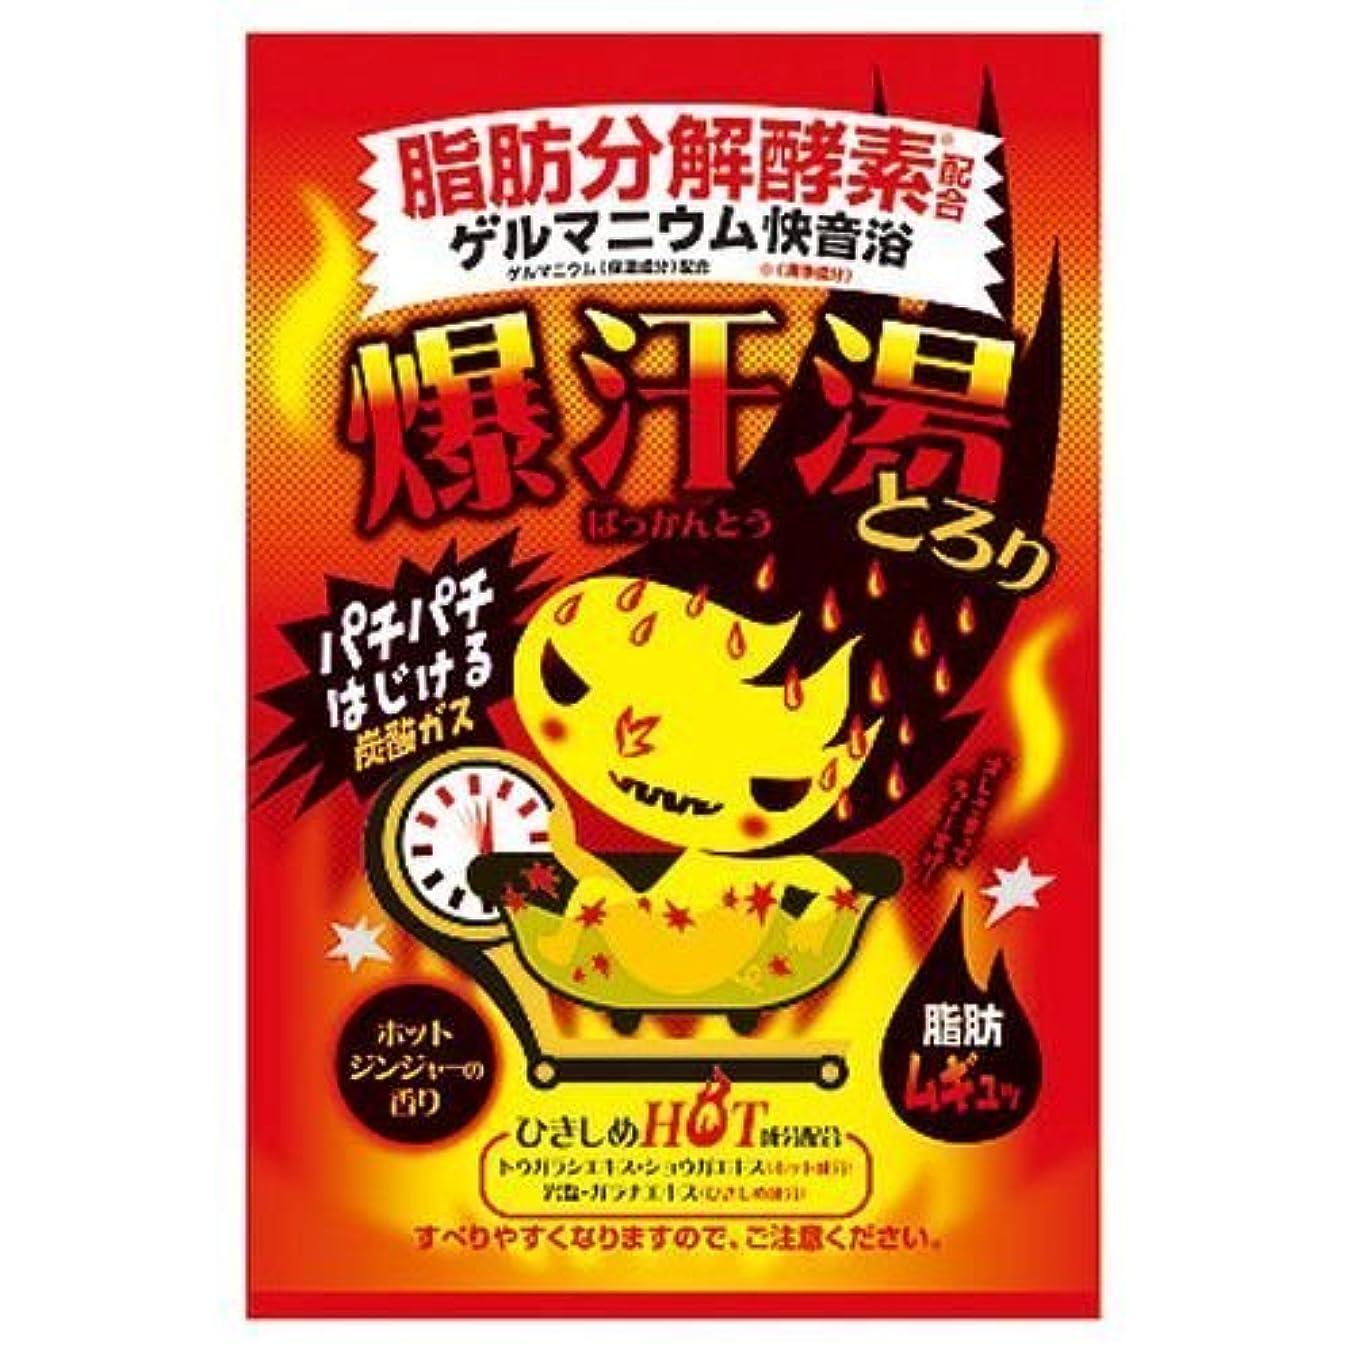 宣伝電化する液化する爆汗湯 ゲルマニウム快音浴 とろり ホットジンジャーの香り(入浴剤)